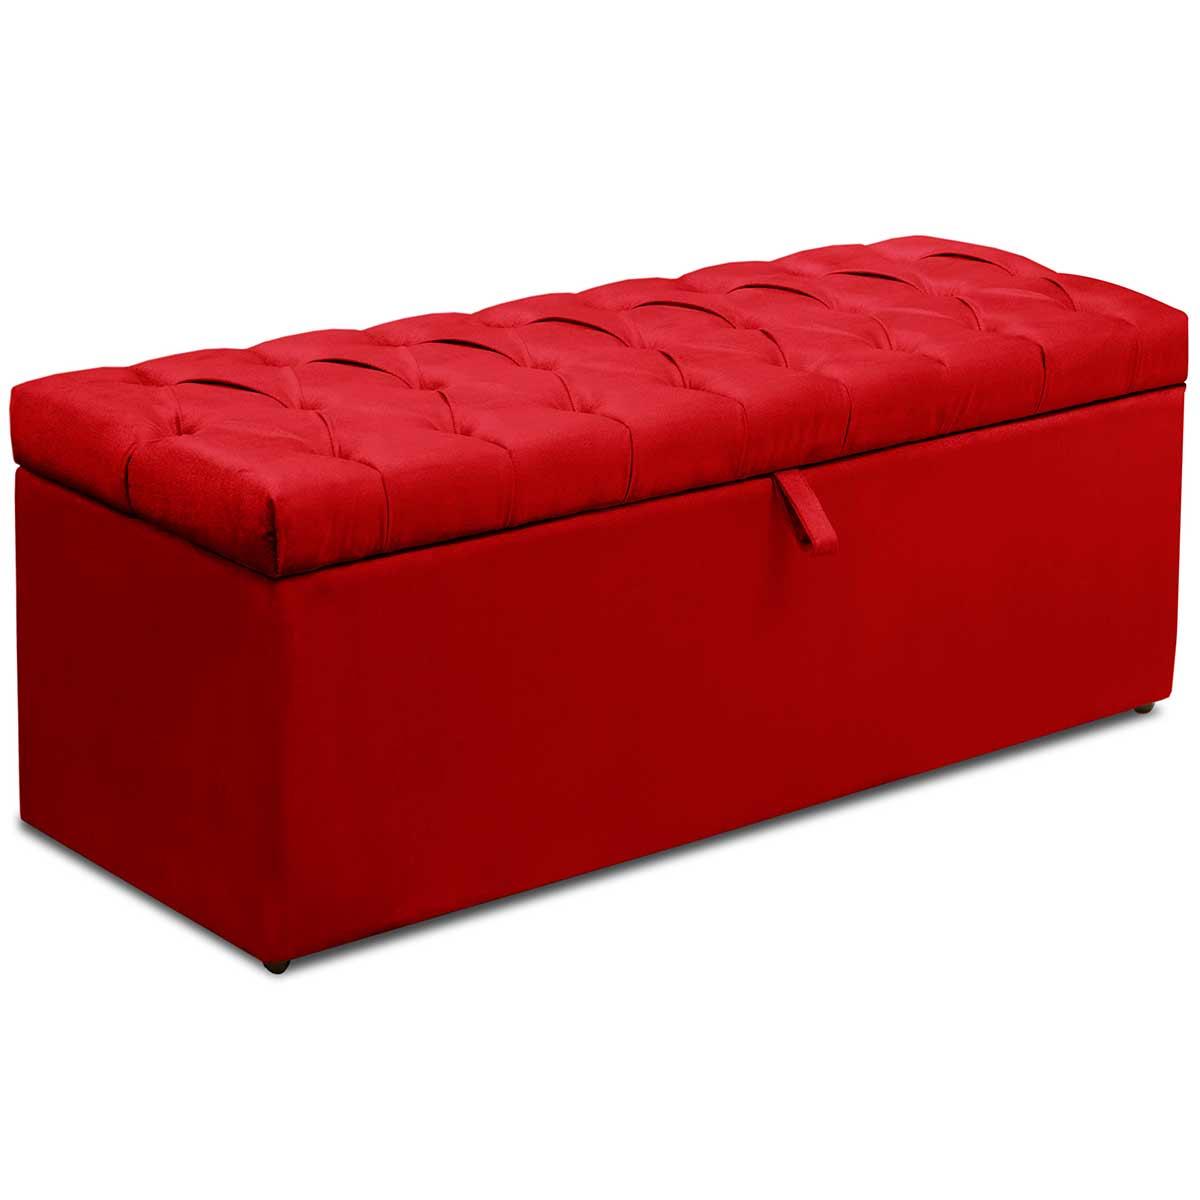 Calçadeira com Baú Itália Animale Vermelho 90 cm